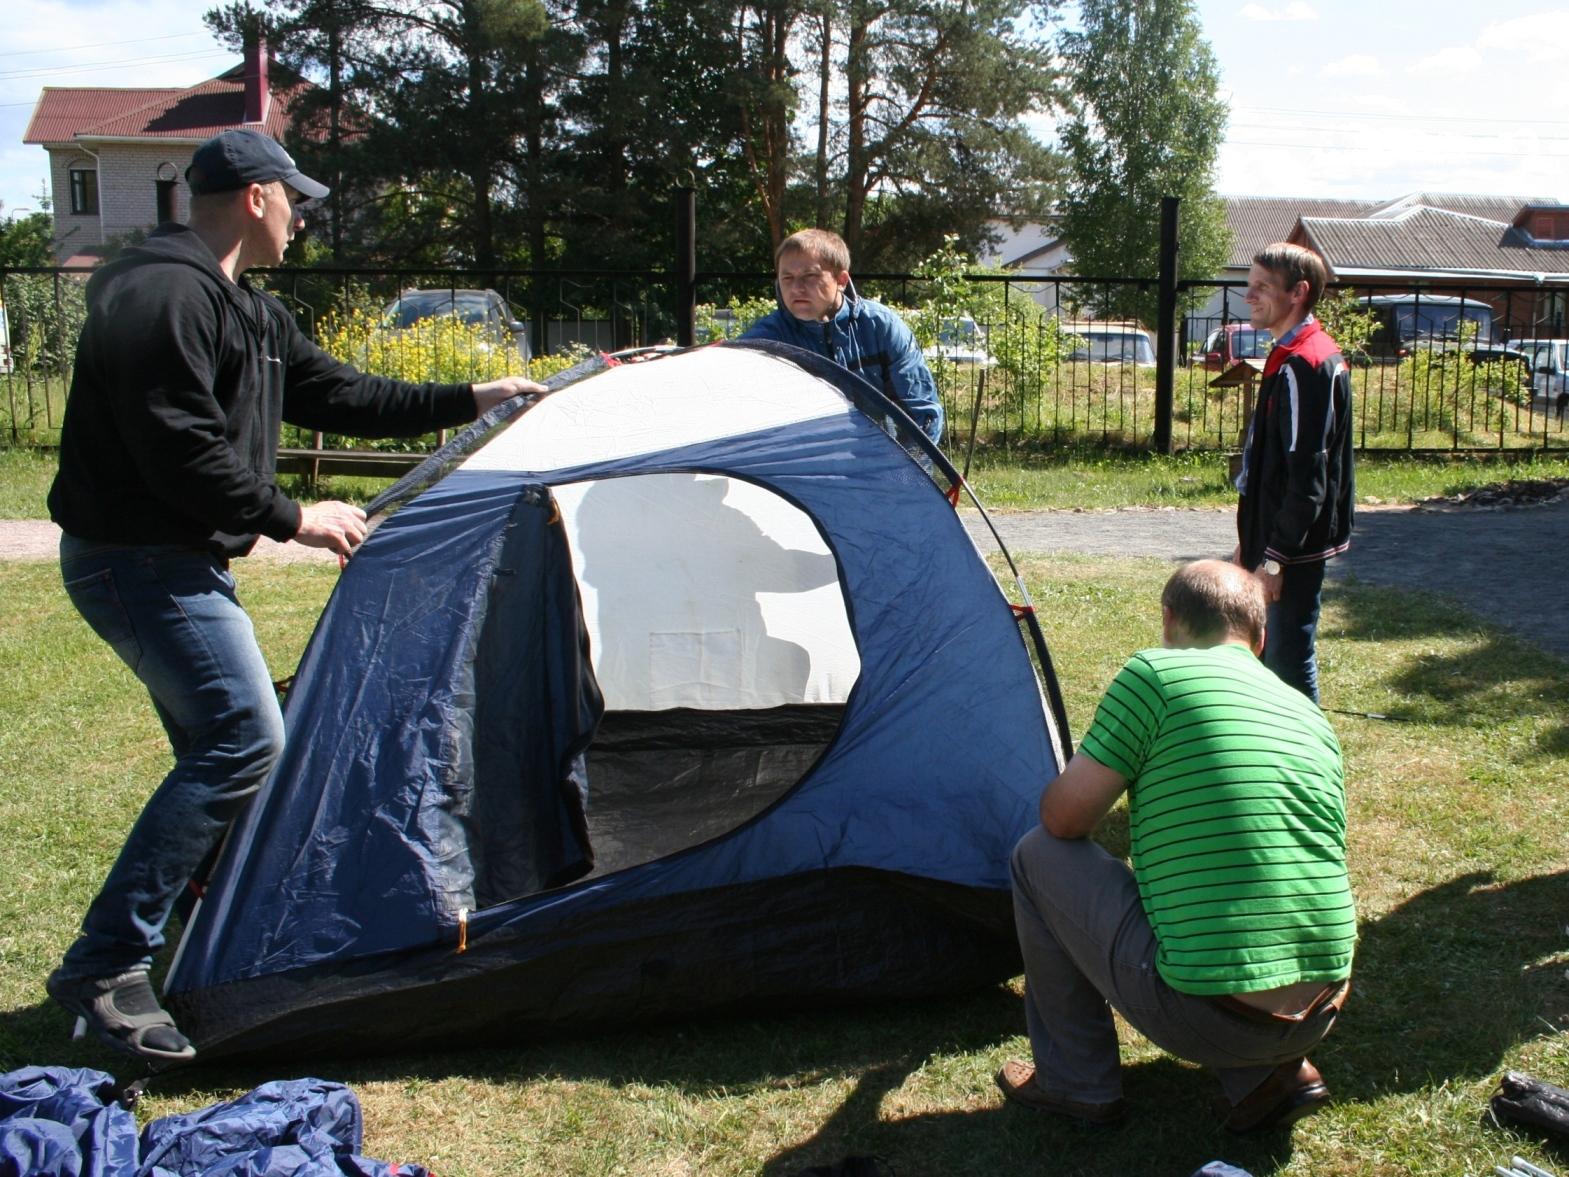 07.06.2016, летний лагерь, 49